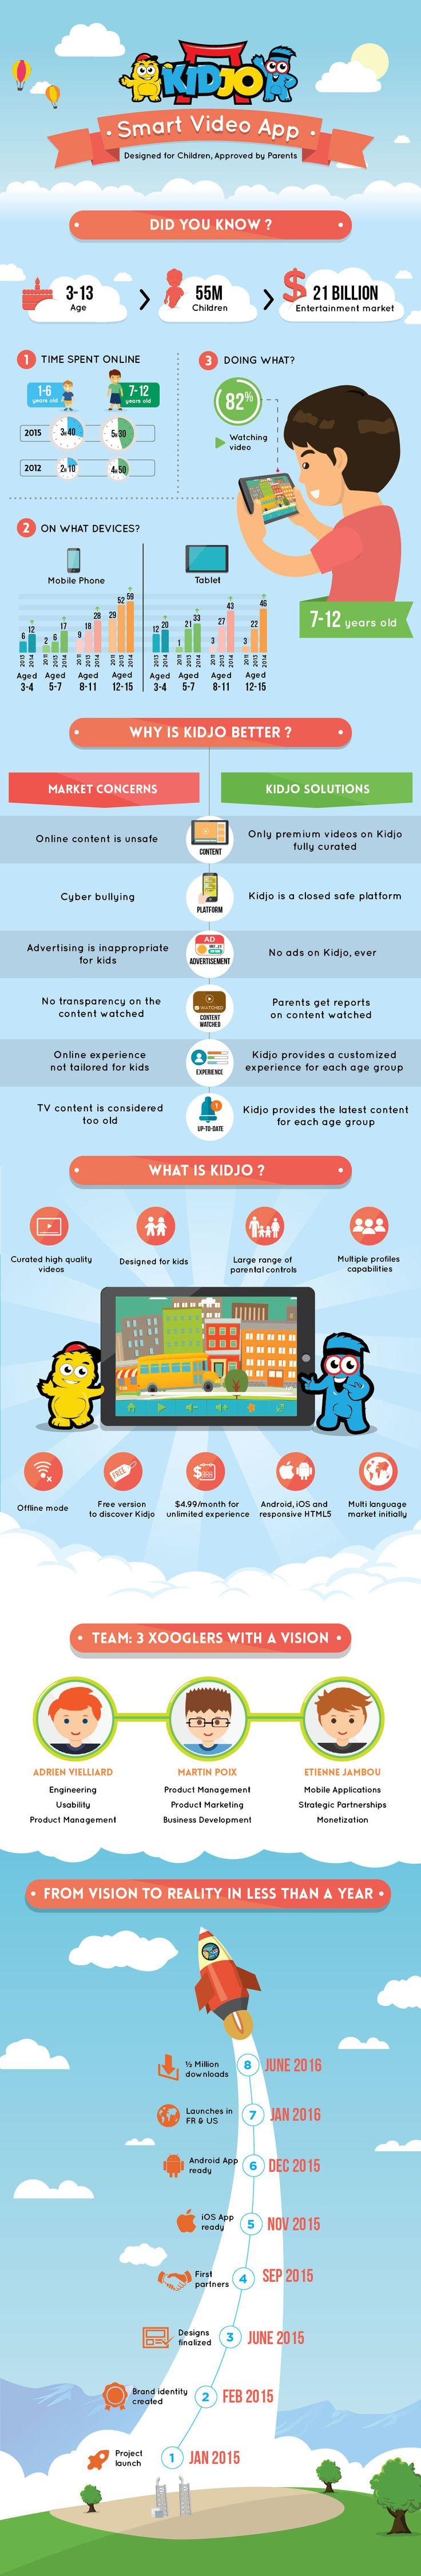 fritzR - Kidjo video app for children Infographic